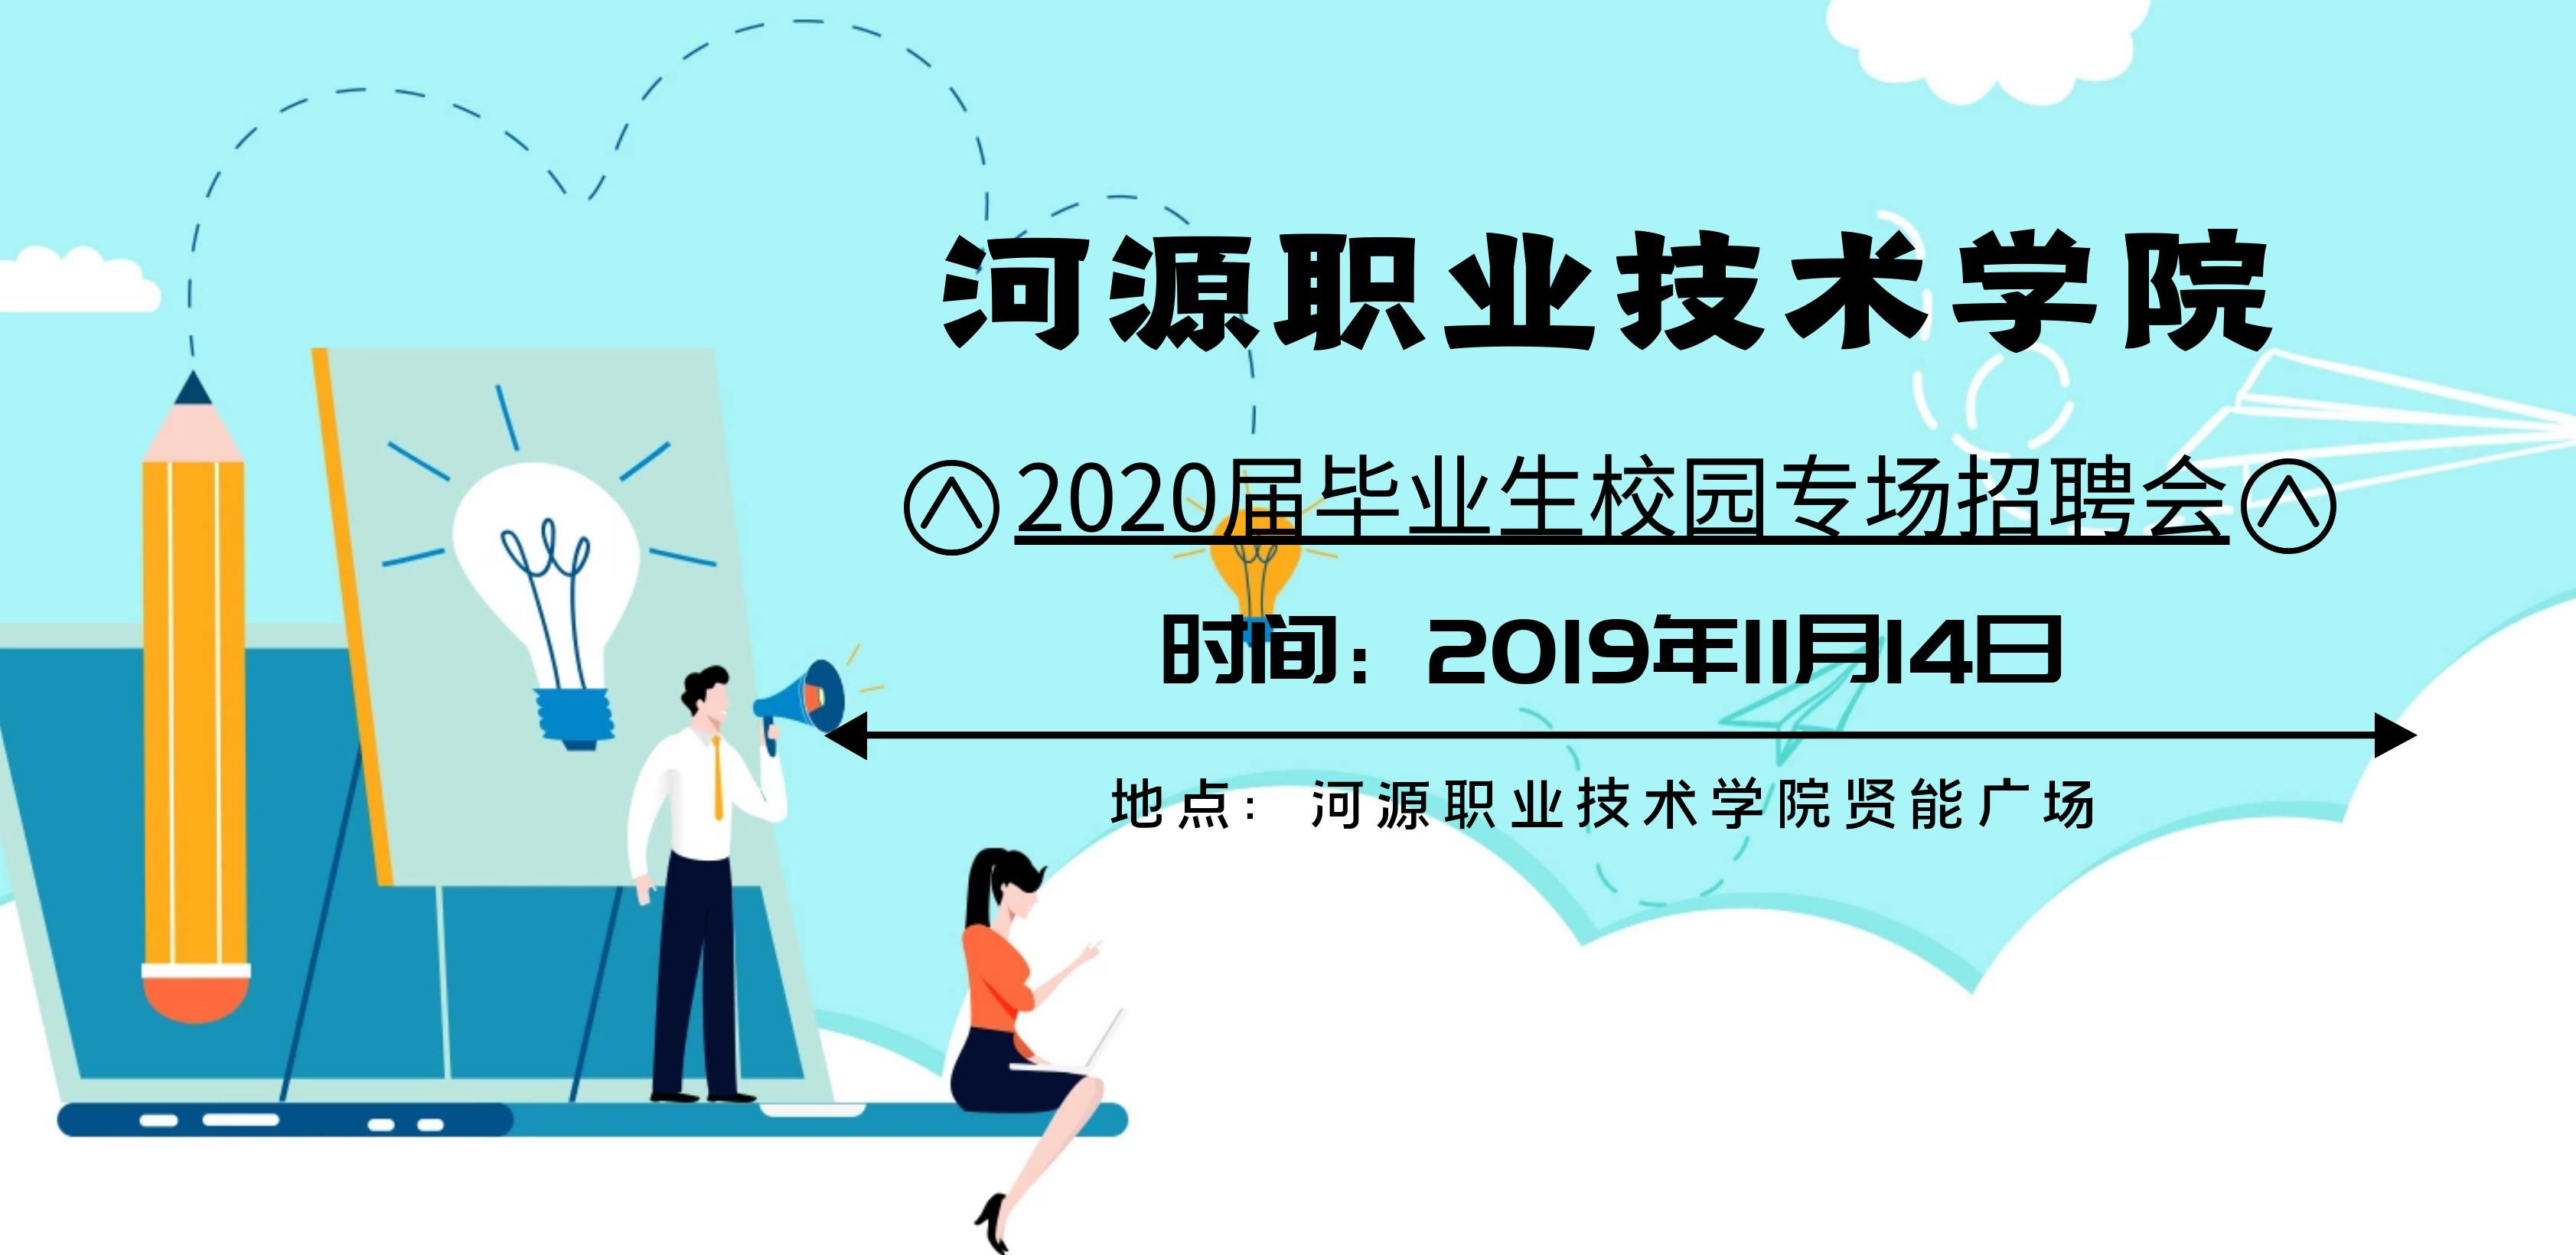 河源职业技术学院2020届毕业生校园招聘会公告